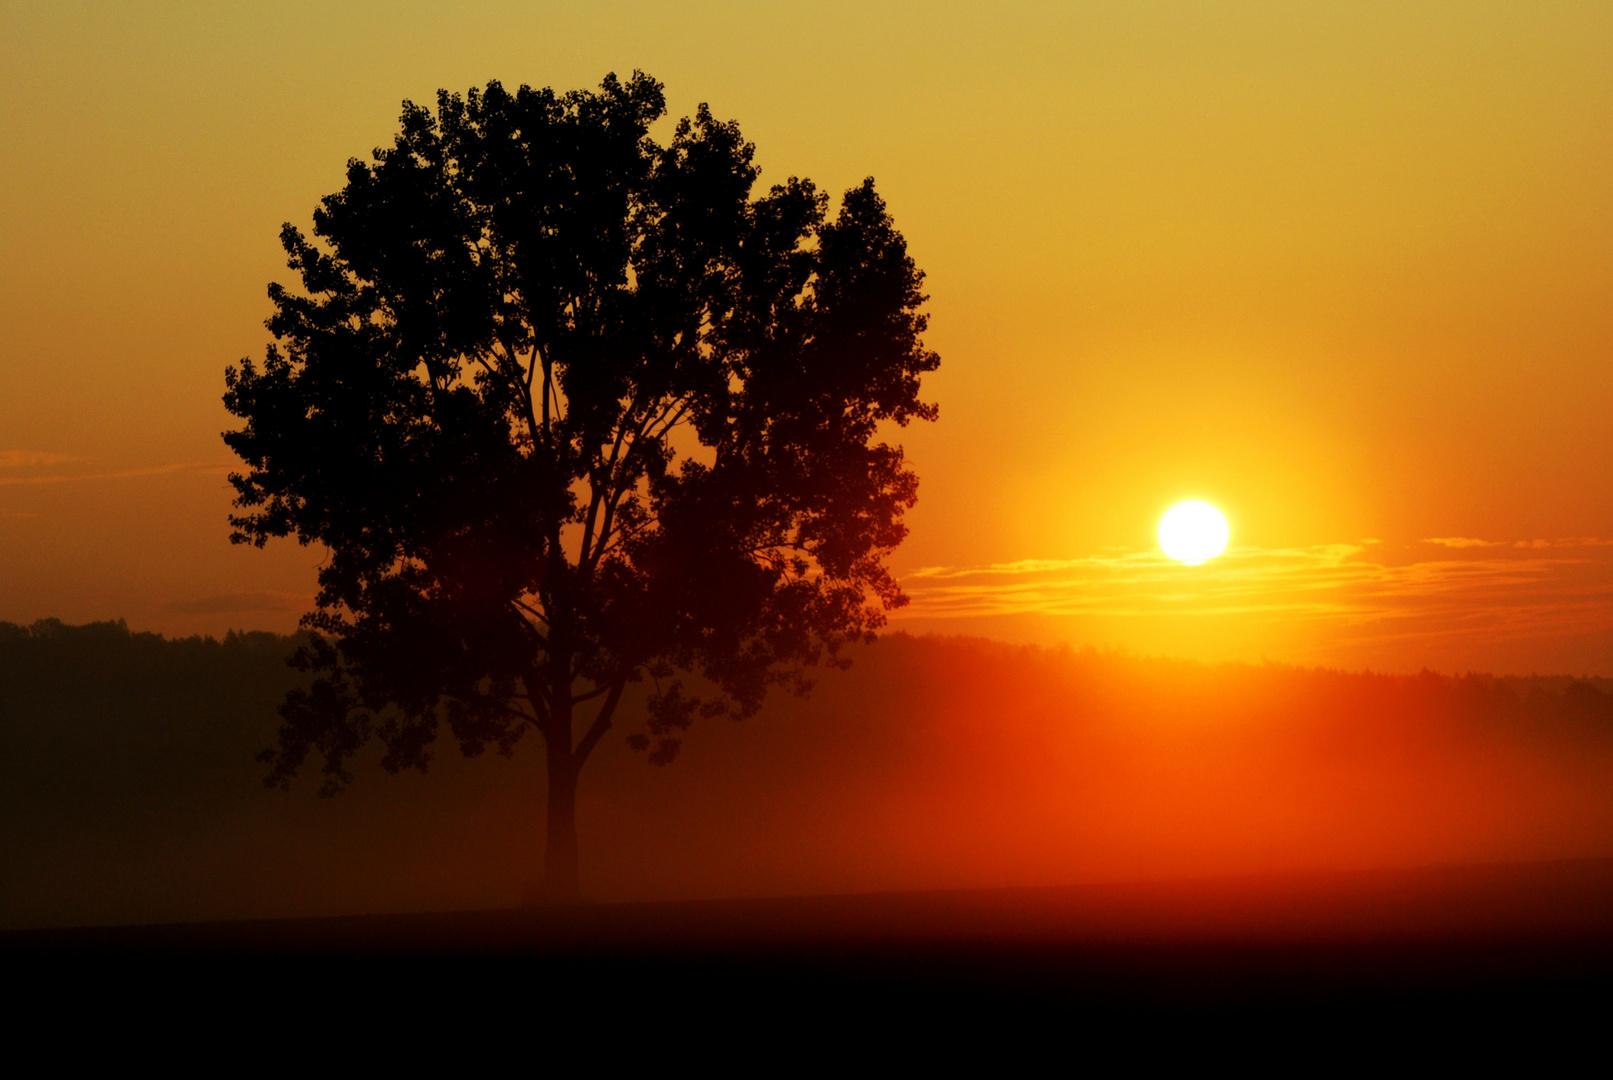 Sonnenaufgang in Oberfranken